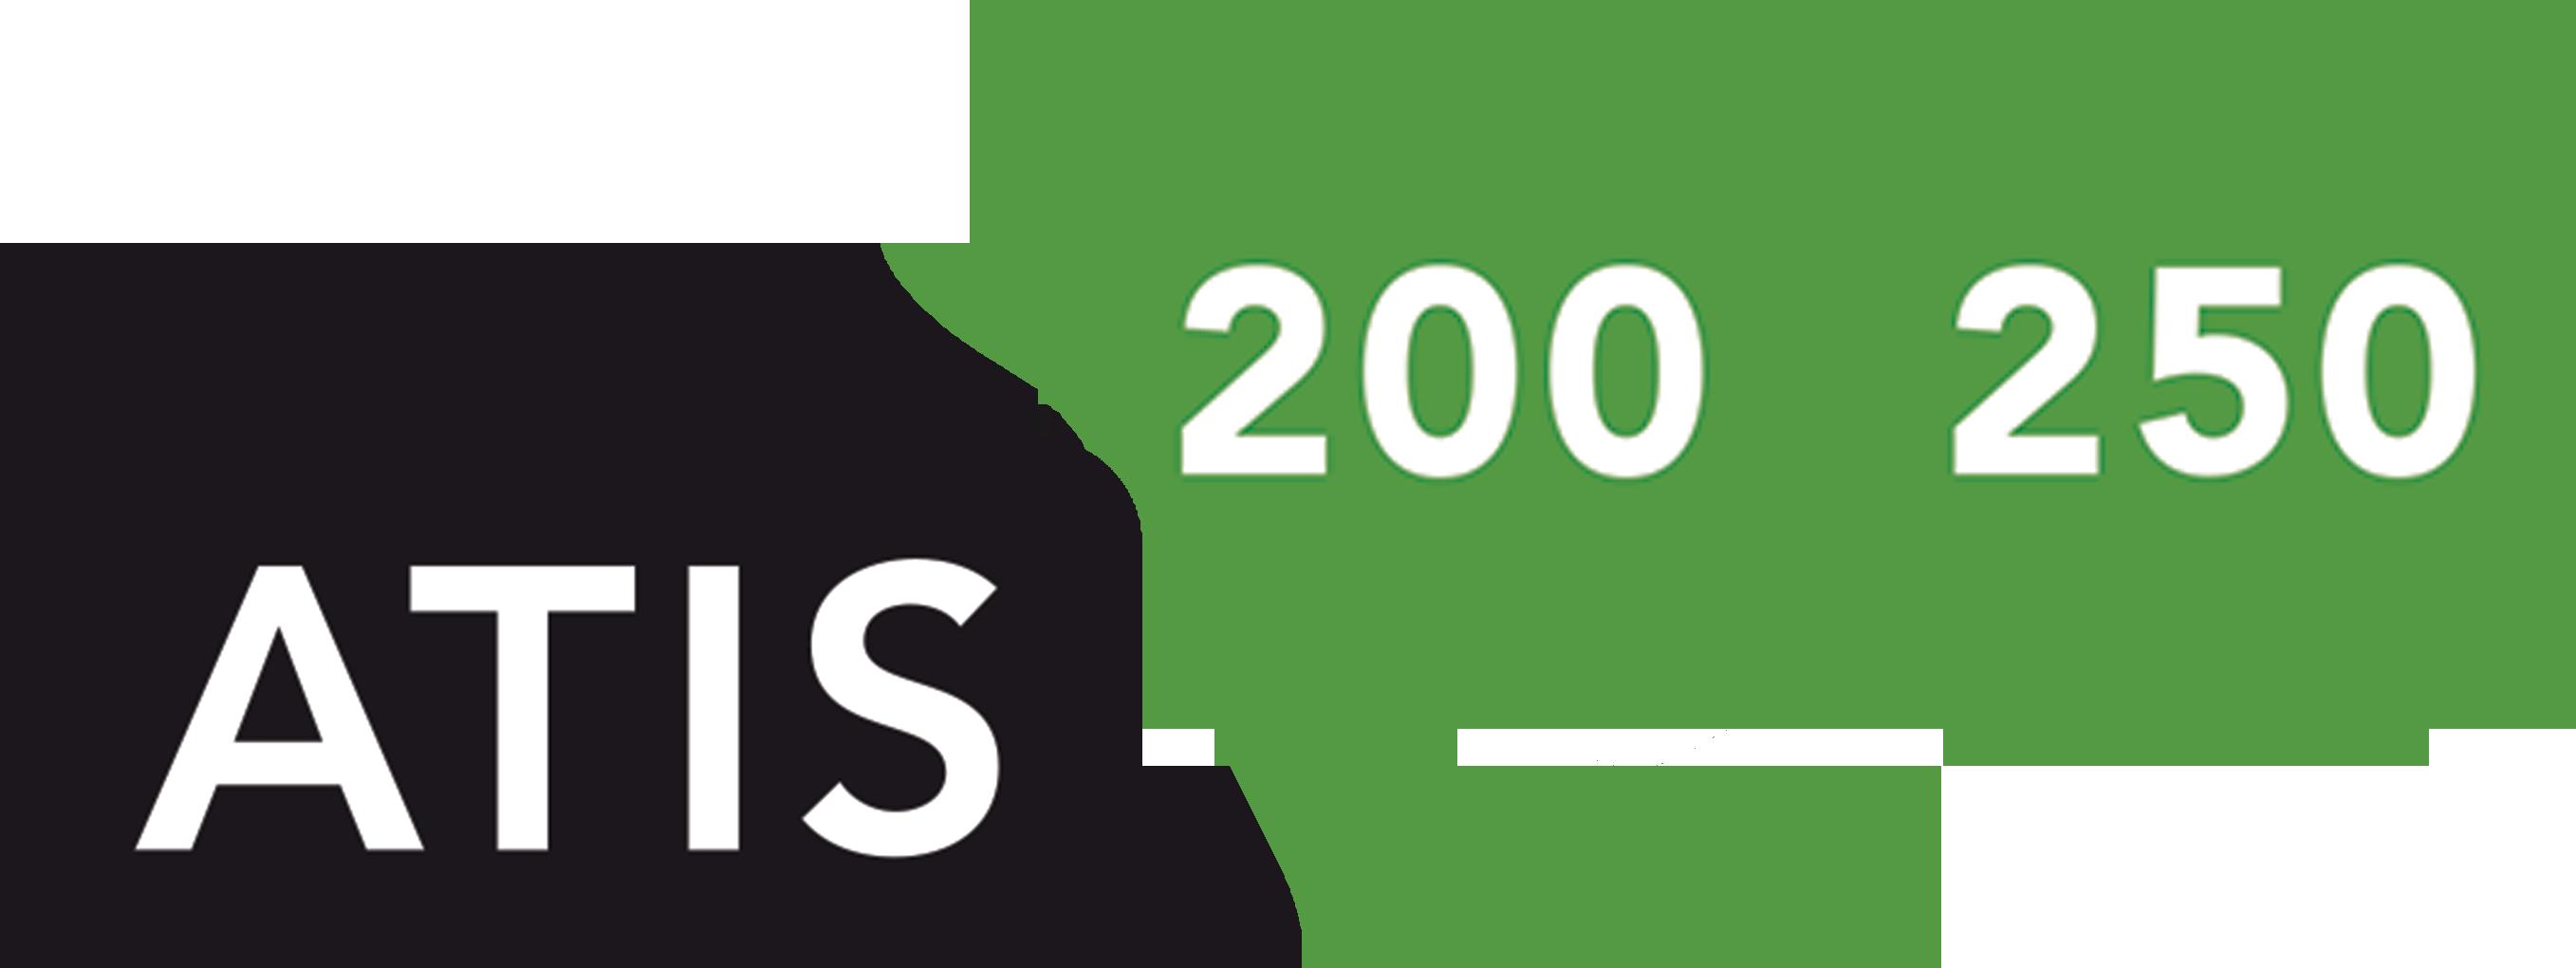 Atis 200 & 250 Logo